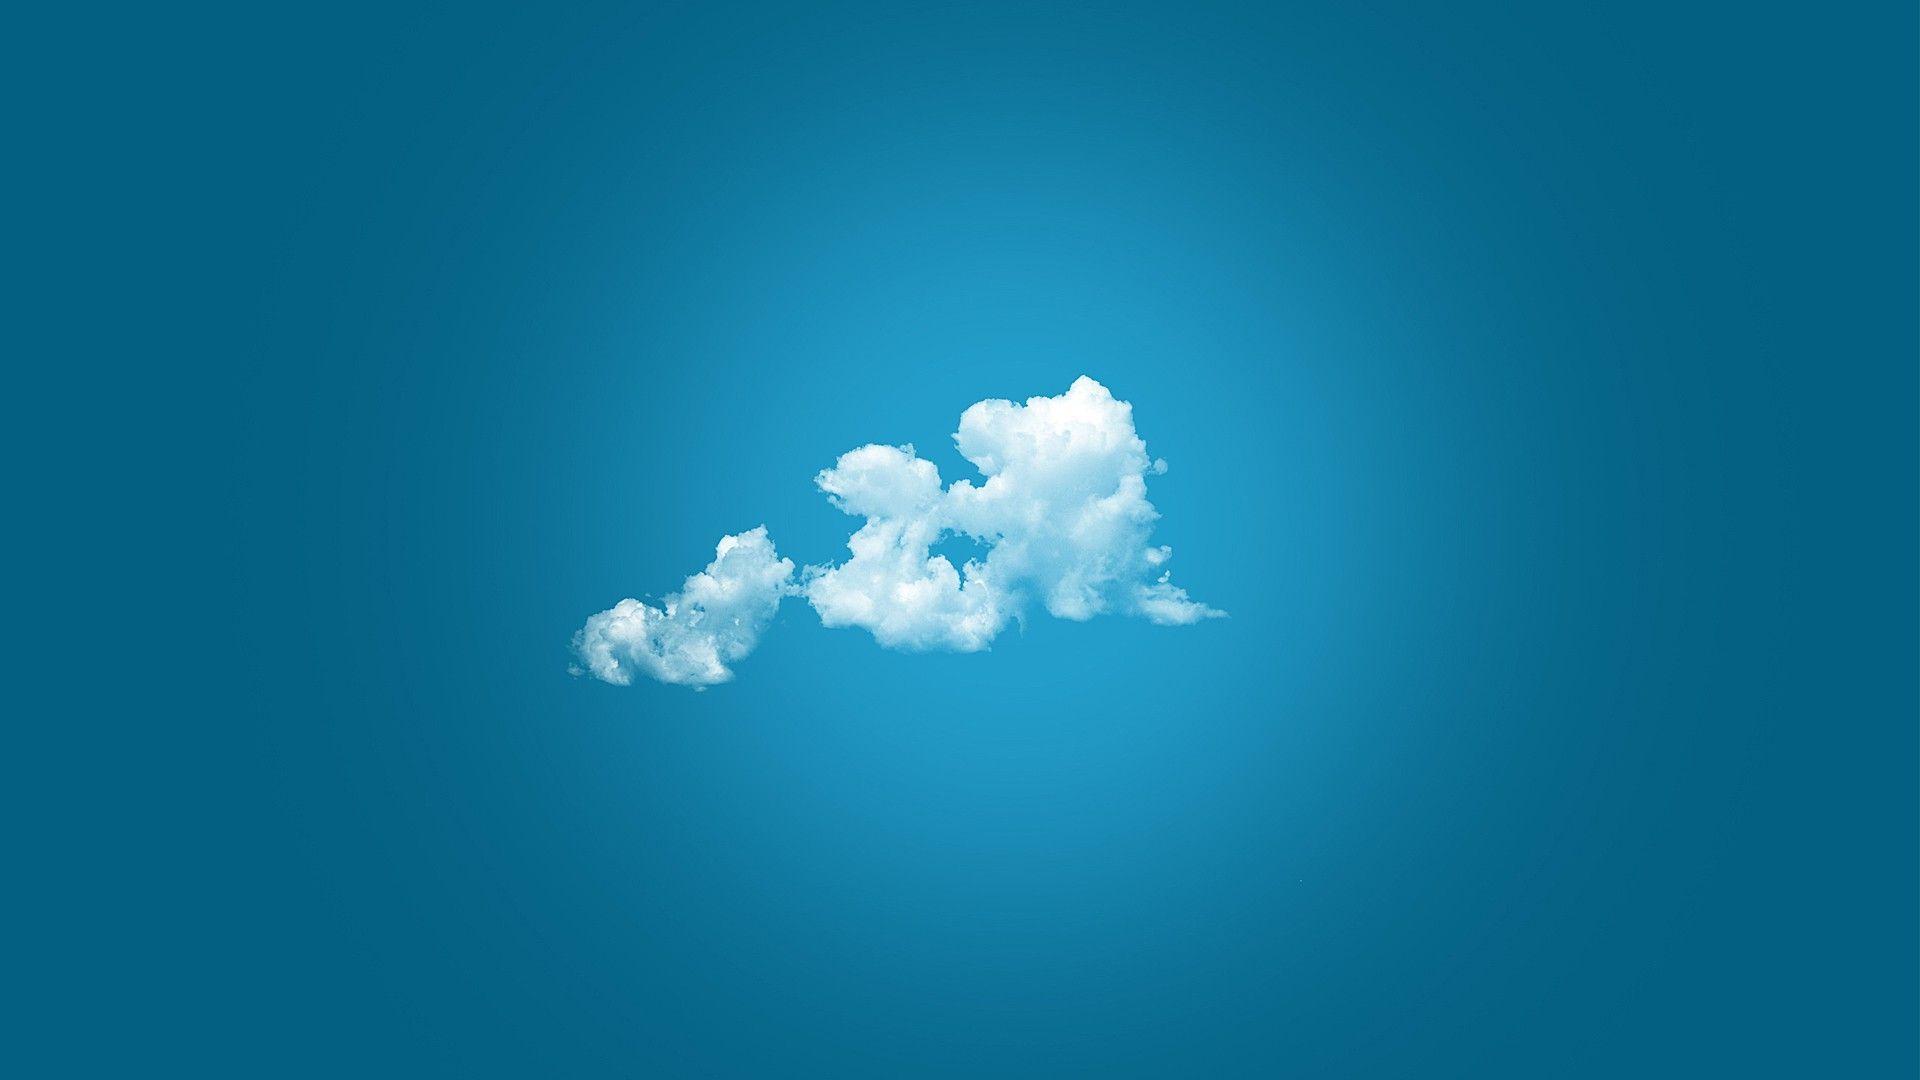 Cloud Backgrounds 1920x1080